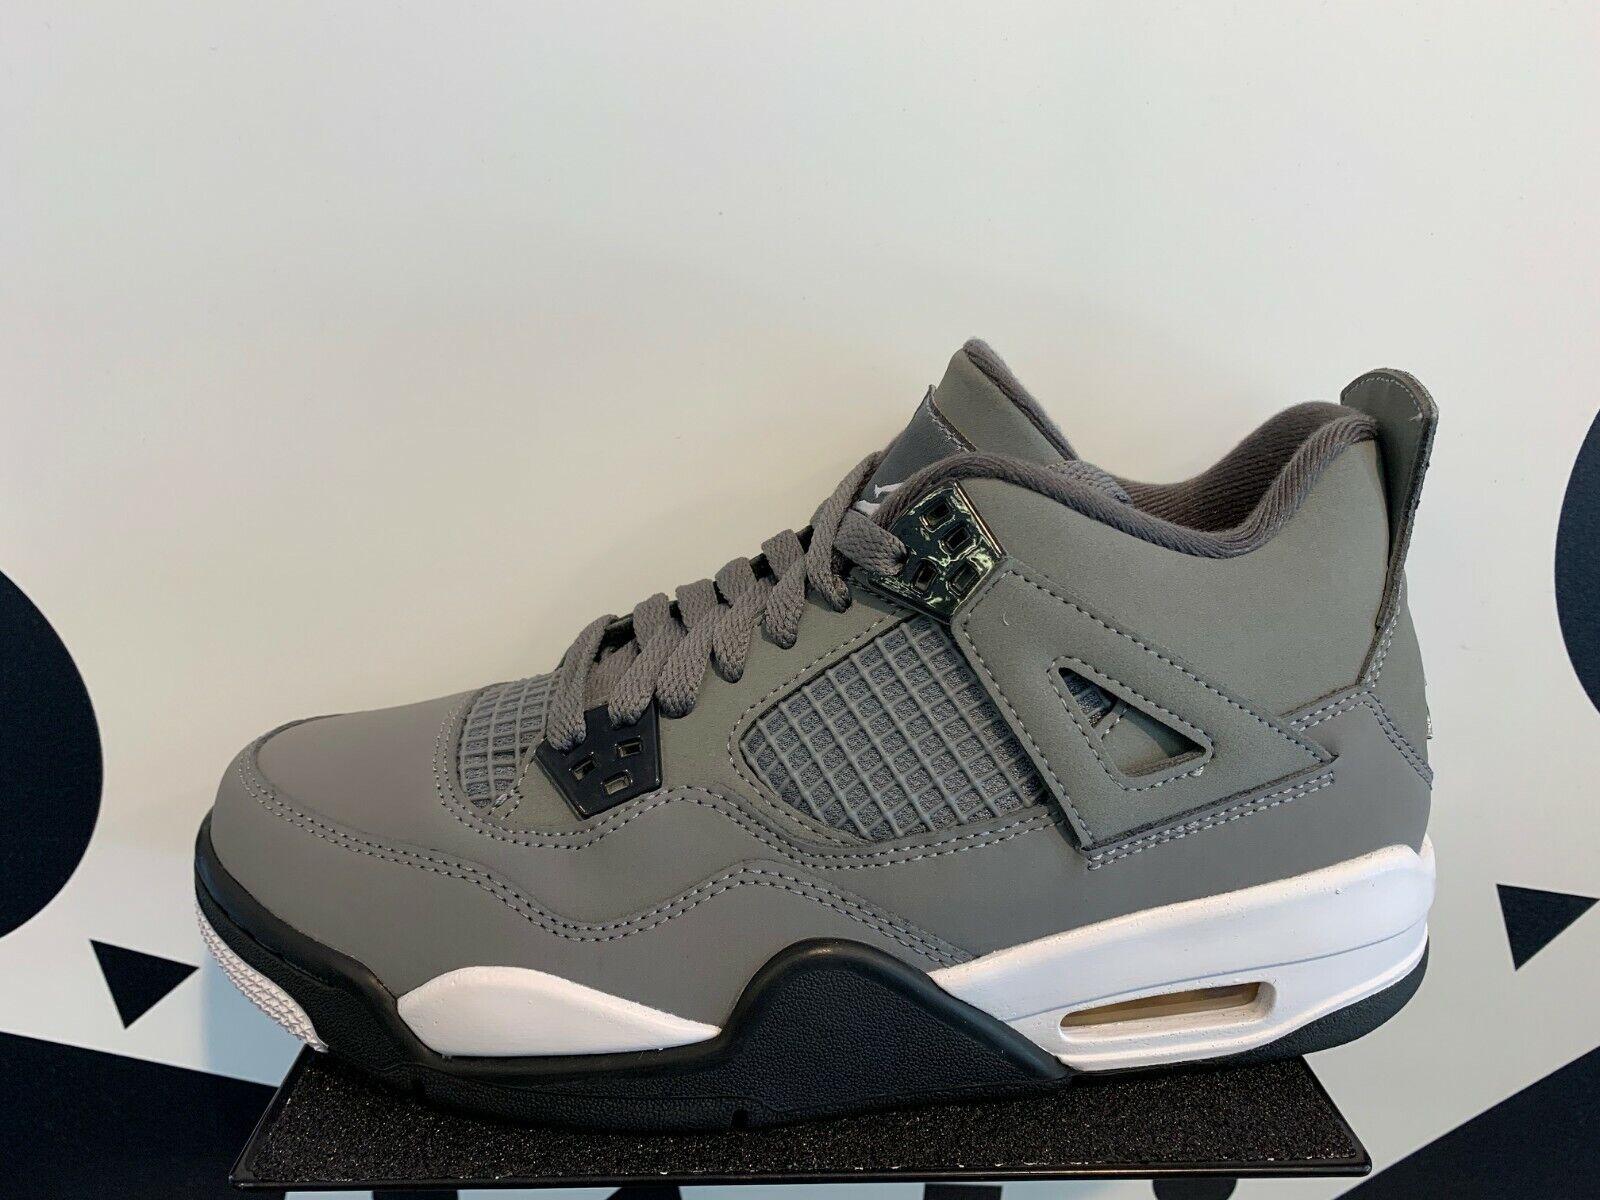 Nike Air Jordan Flight Origin 2 Black